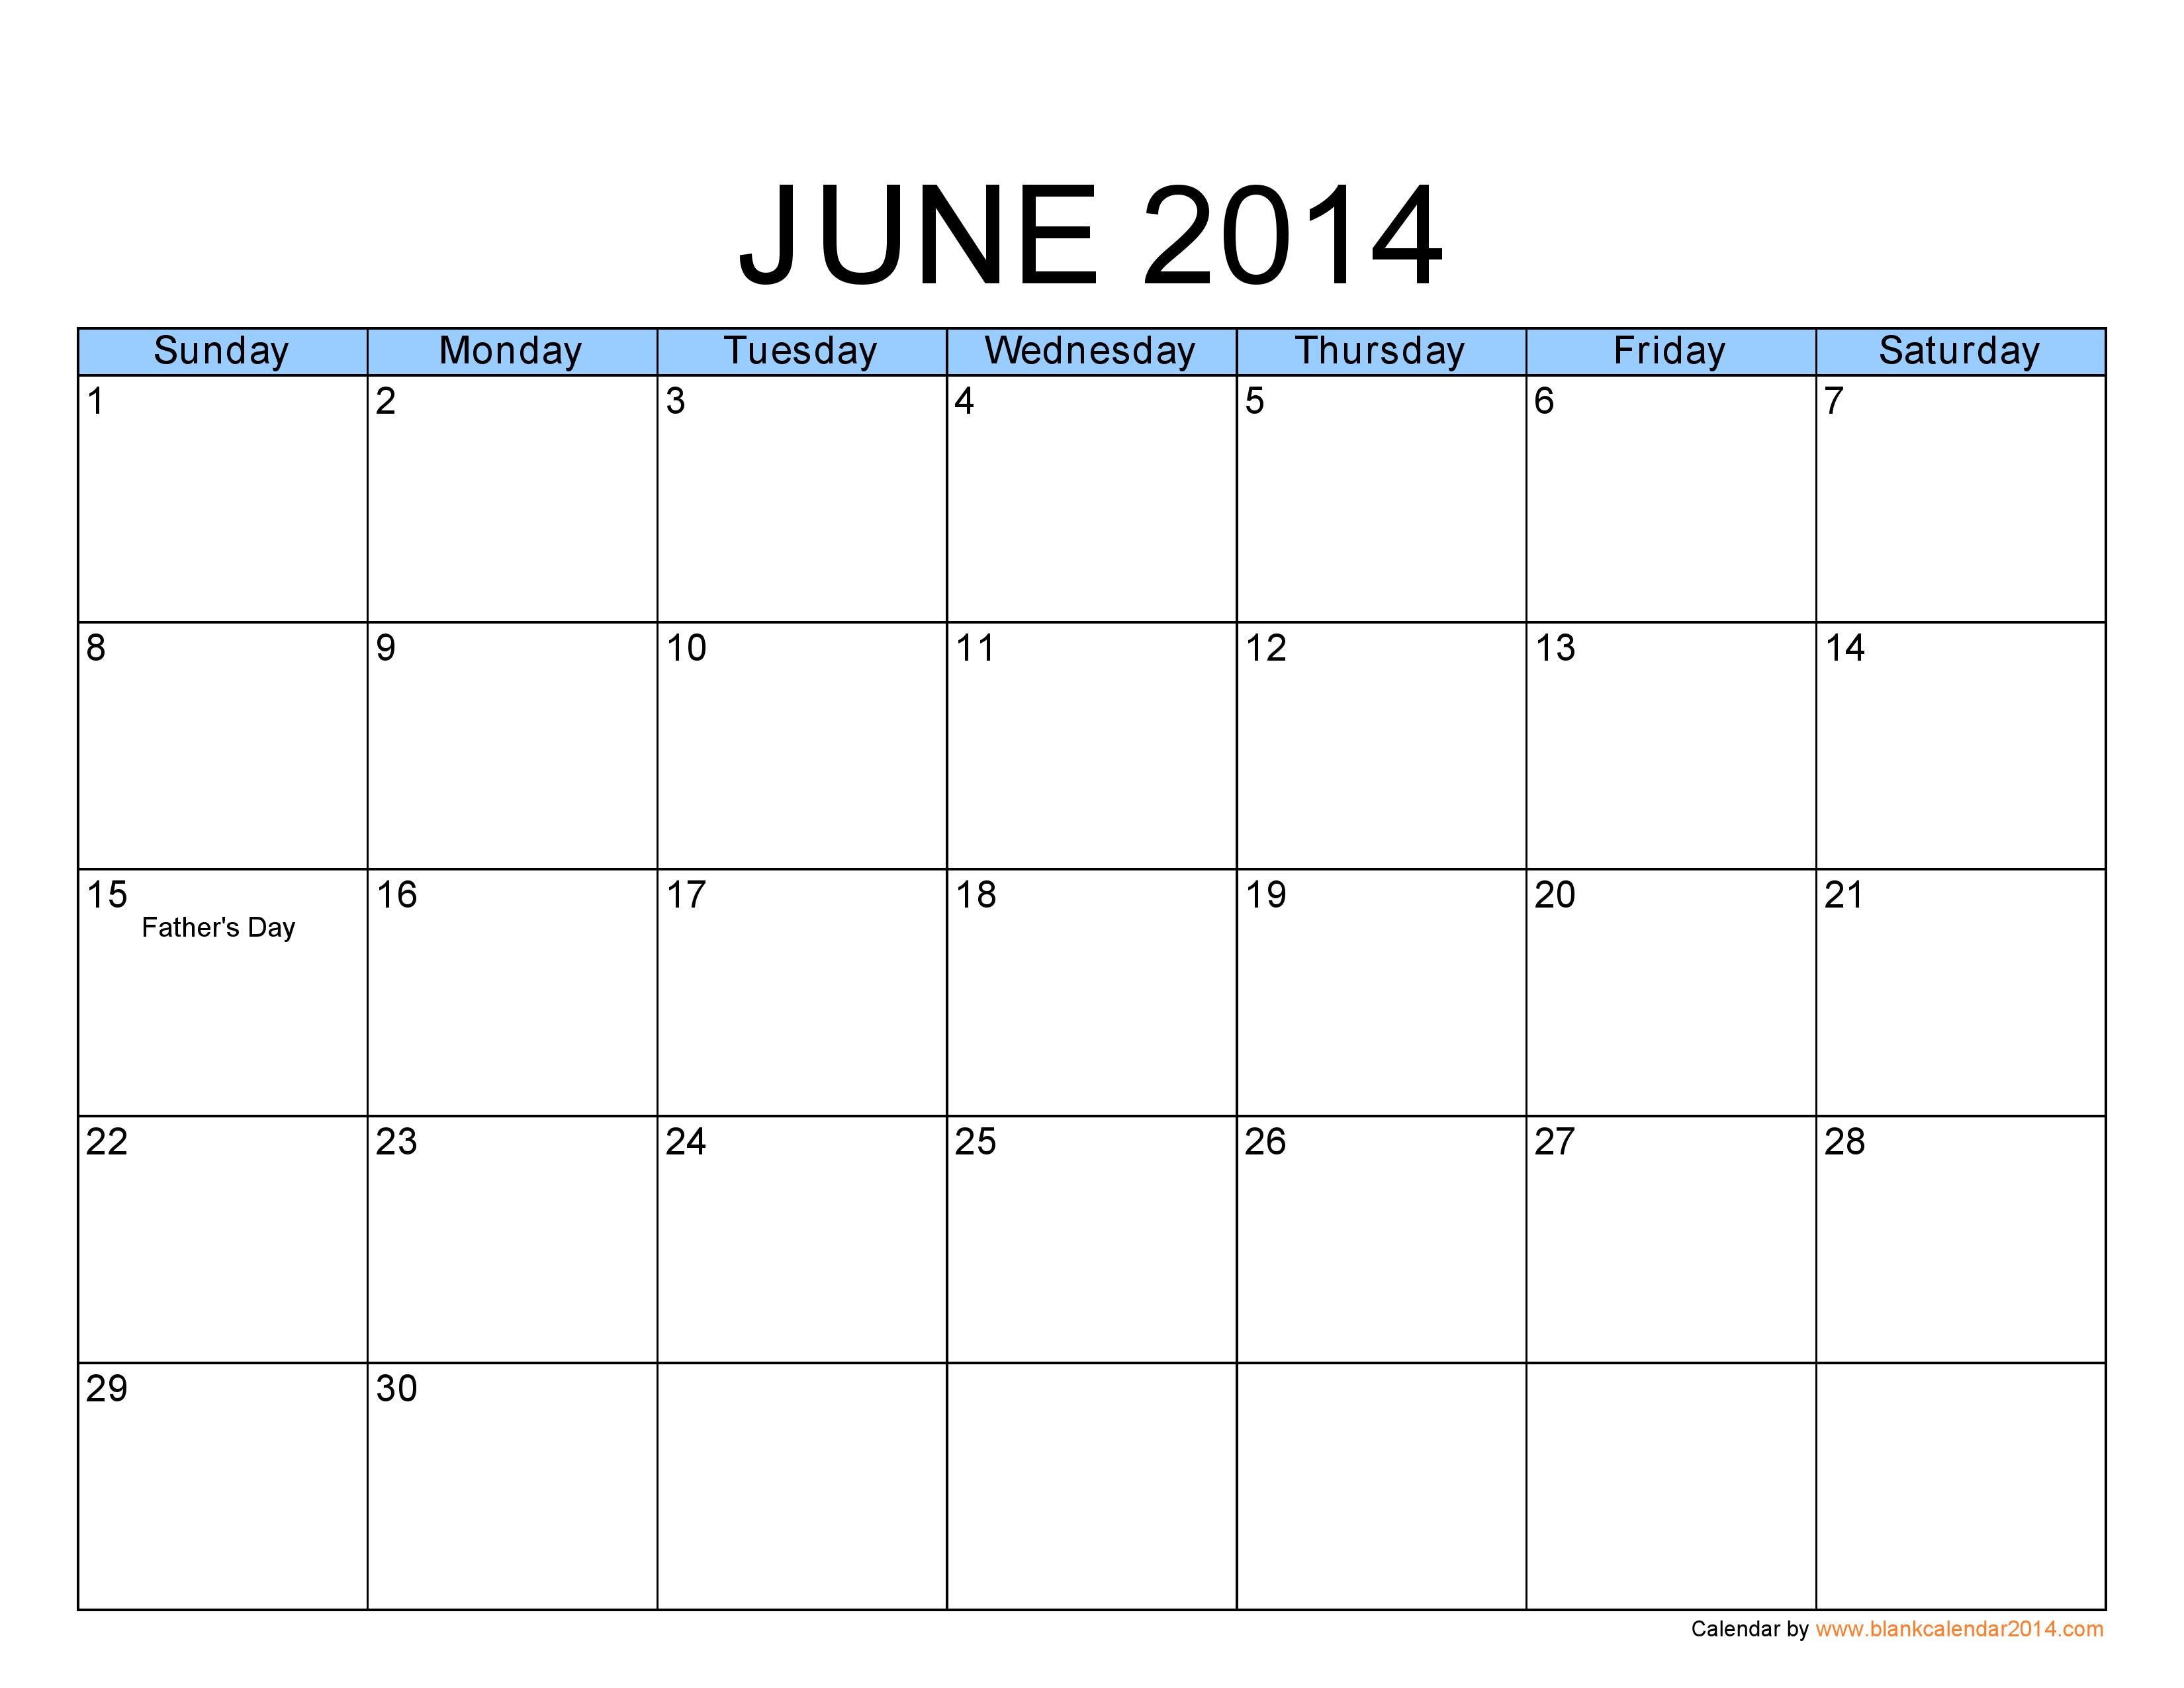 June 2014 Calendar Printable